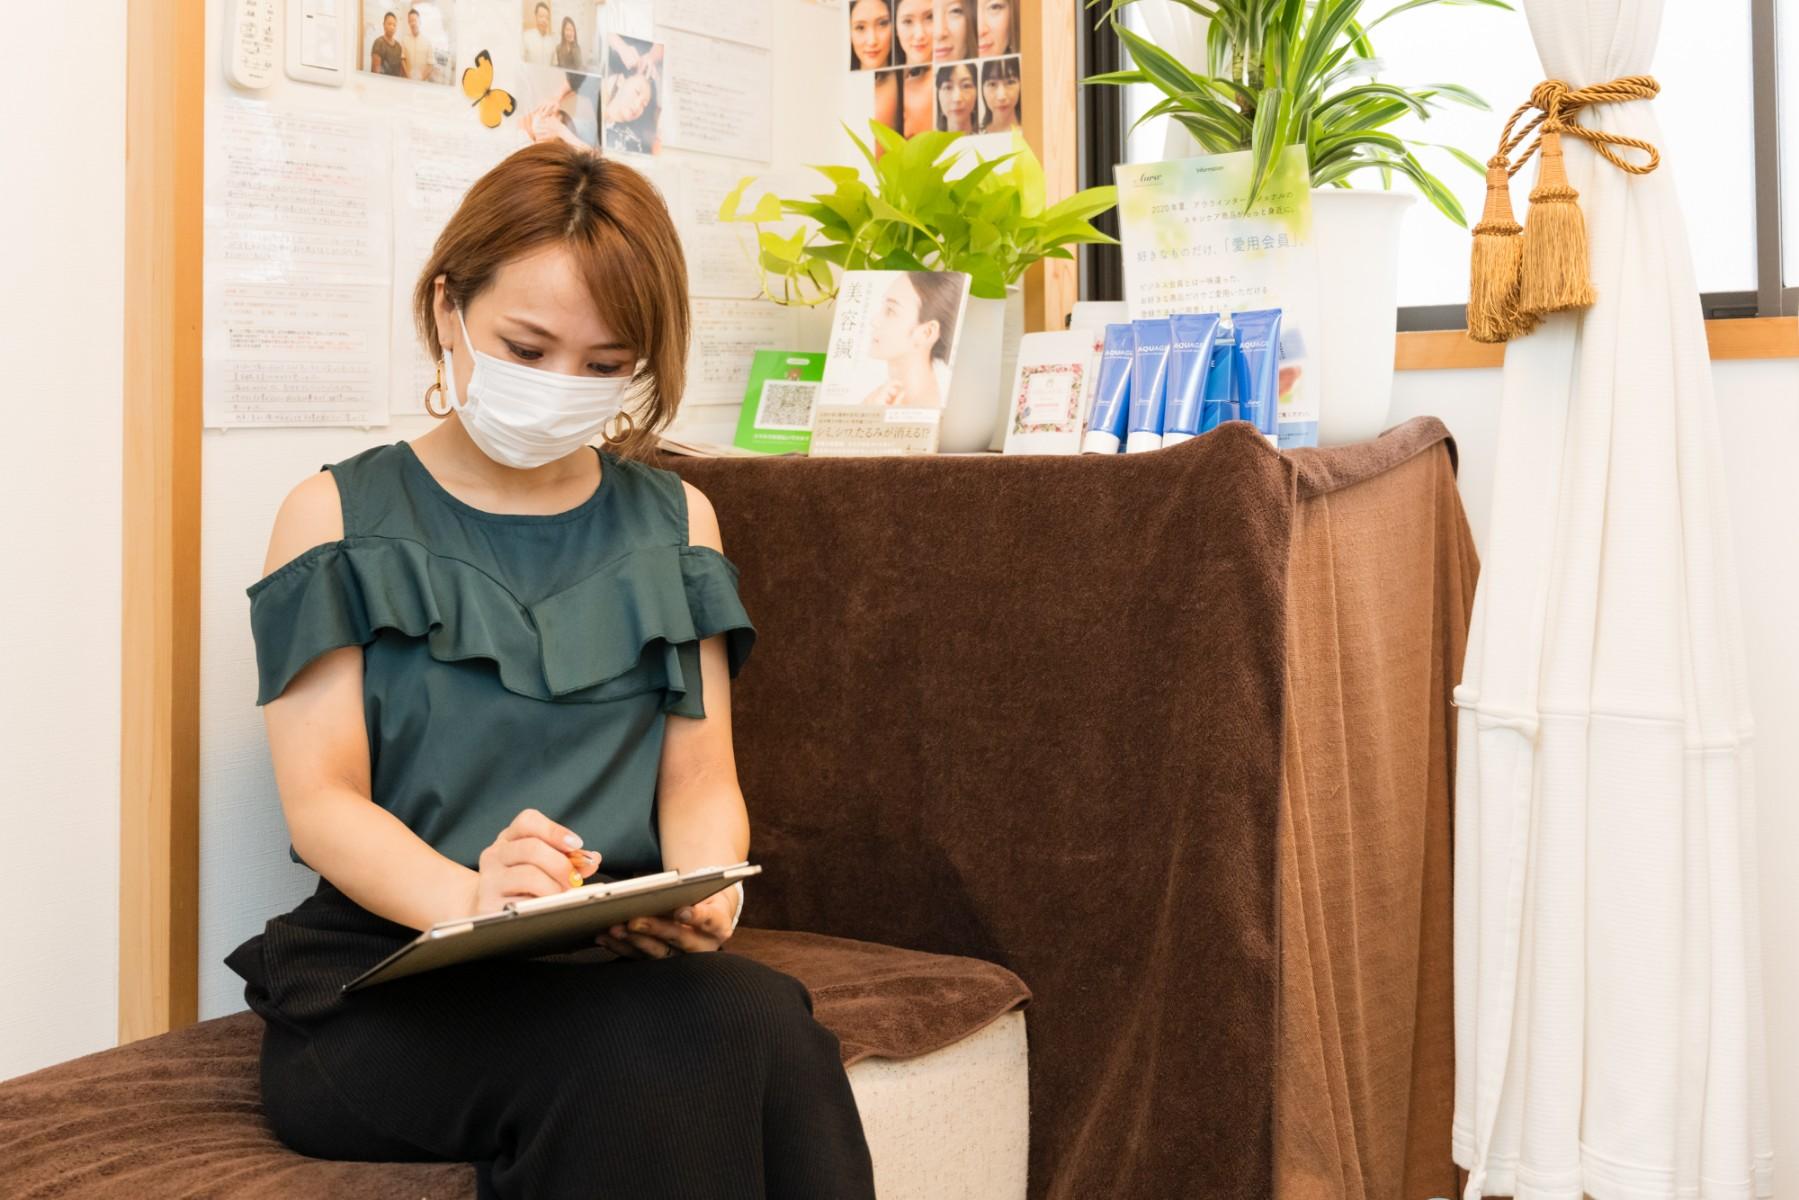 北梅田美容鍼灸院の初回施術で問診票を記入している様子